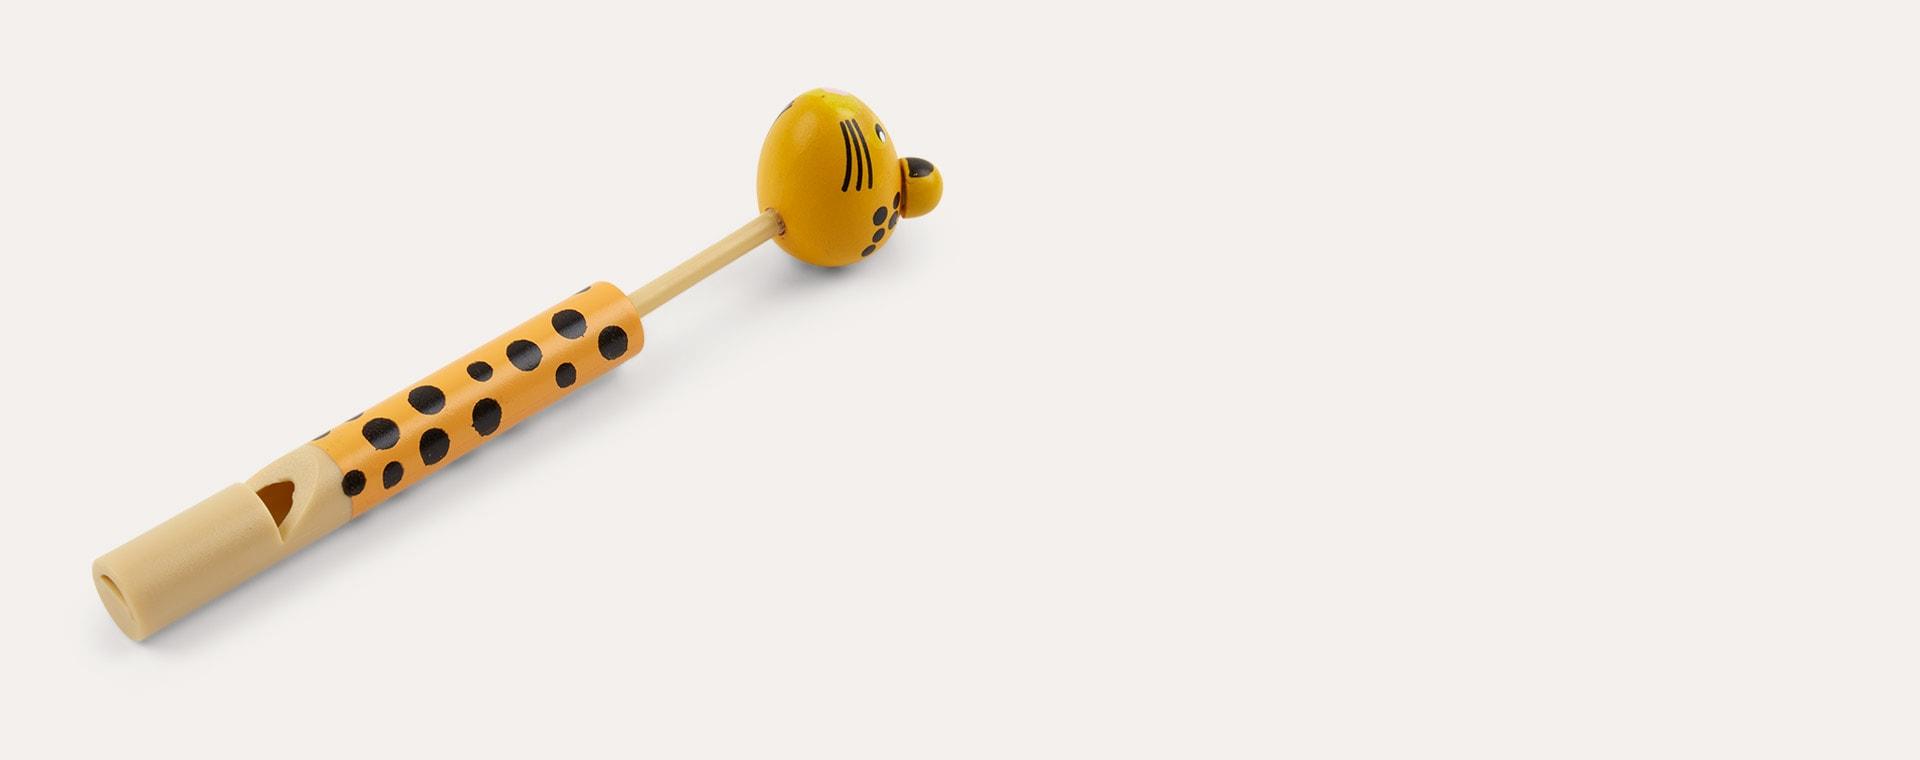 Multi Sunnylife Music Band Set Toy